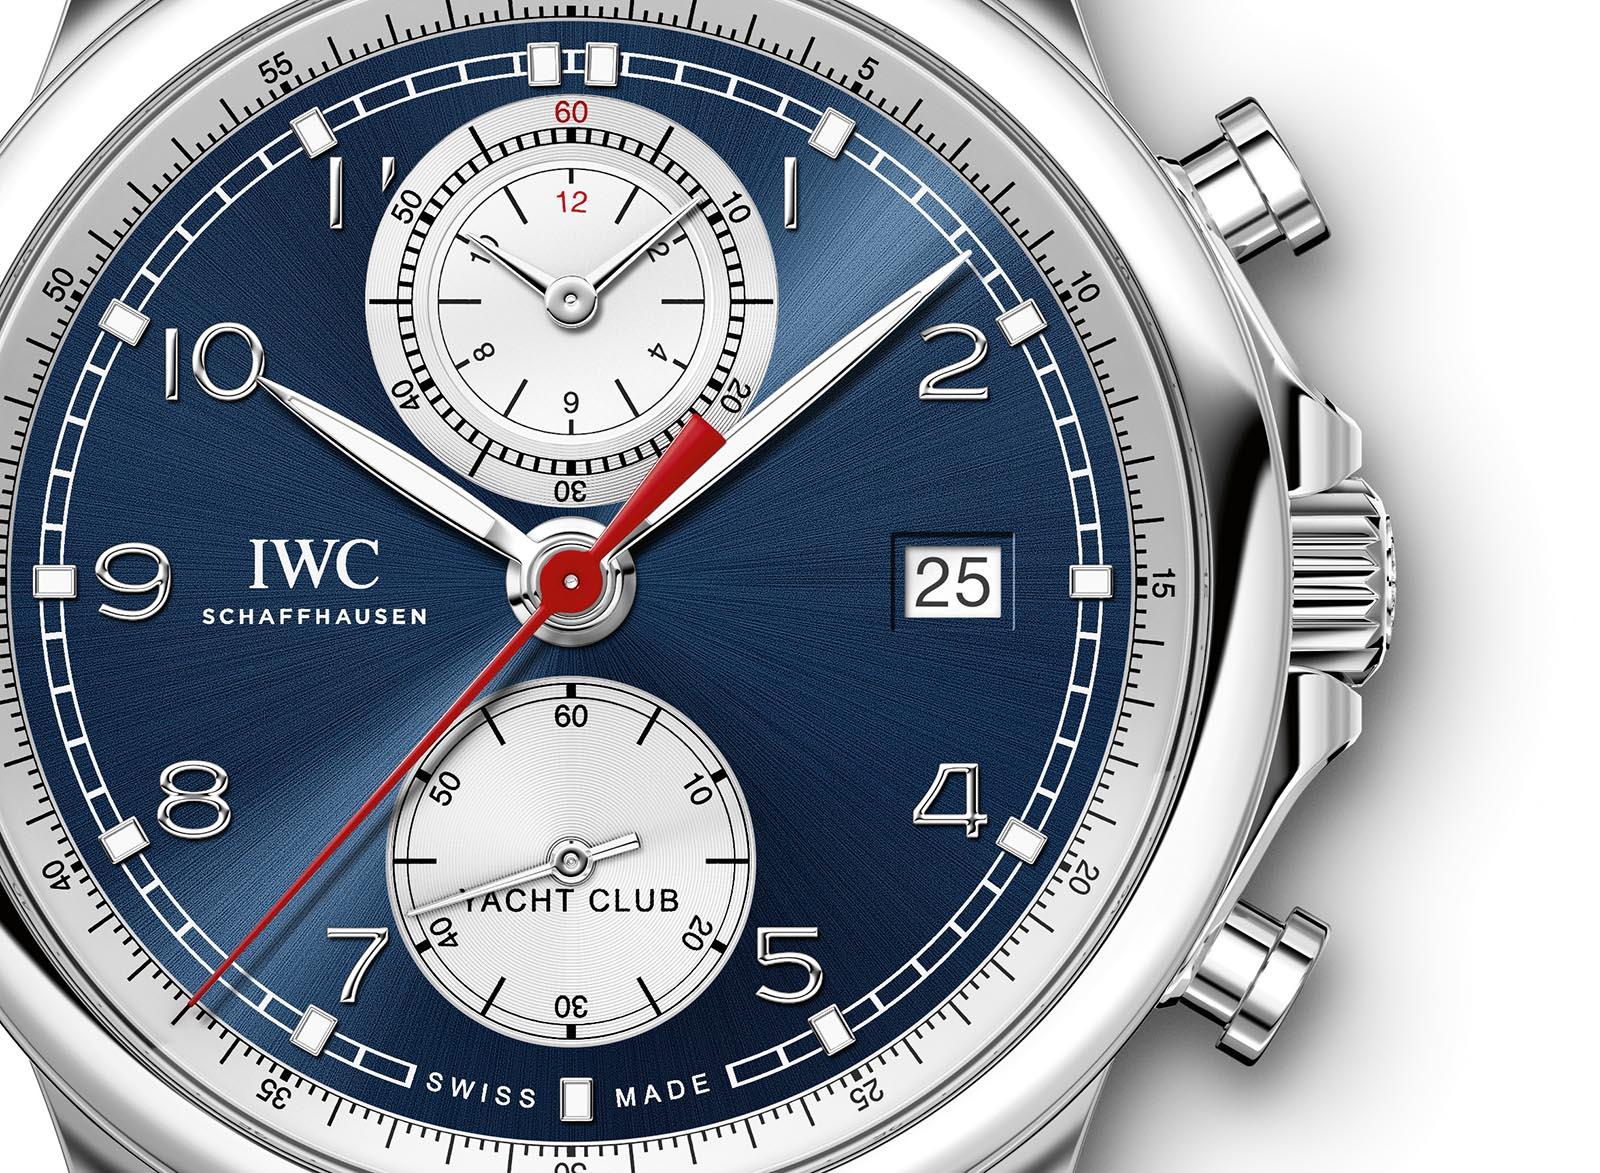 IWC Portugieser Yacht Club Chronograph Ref. IW390507 3